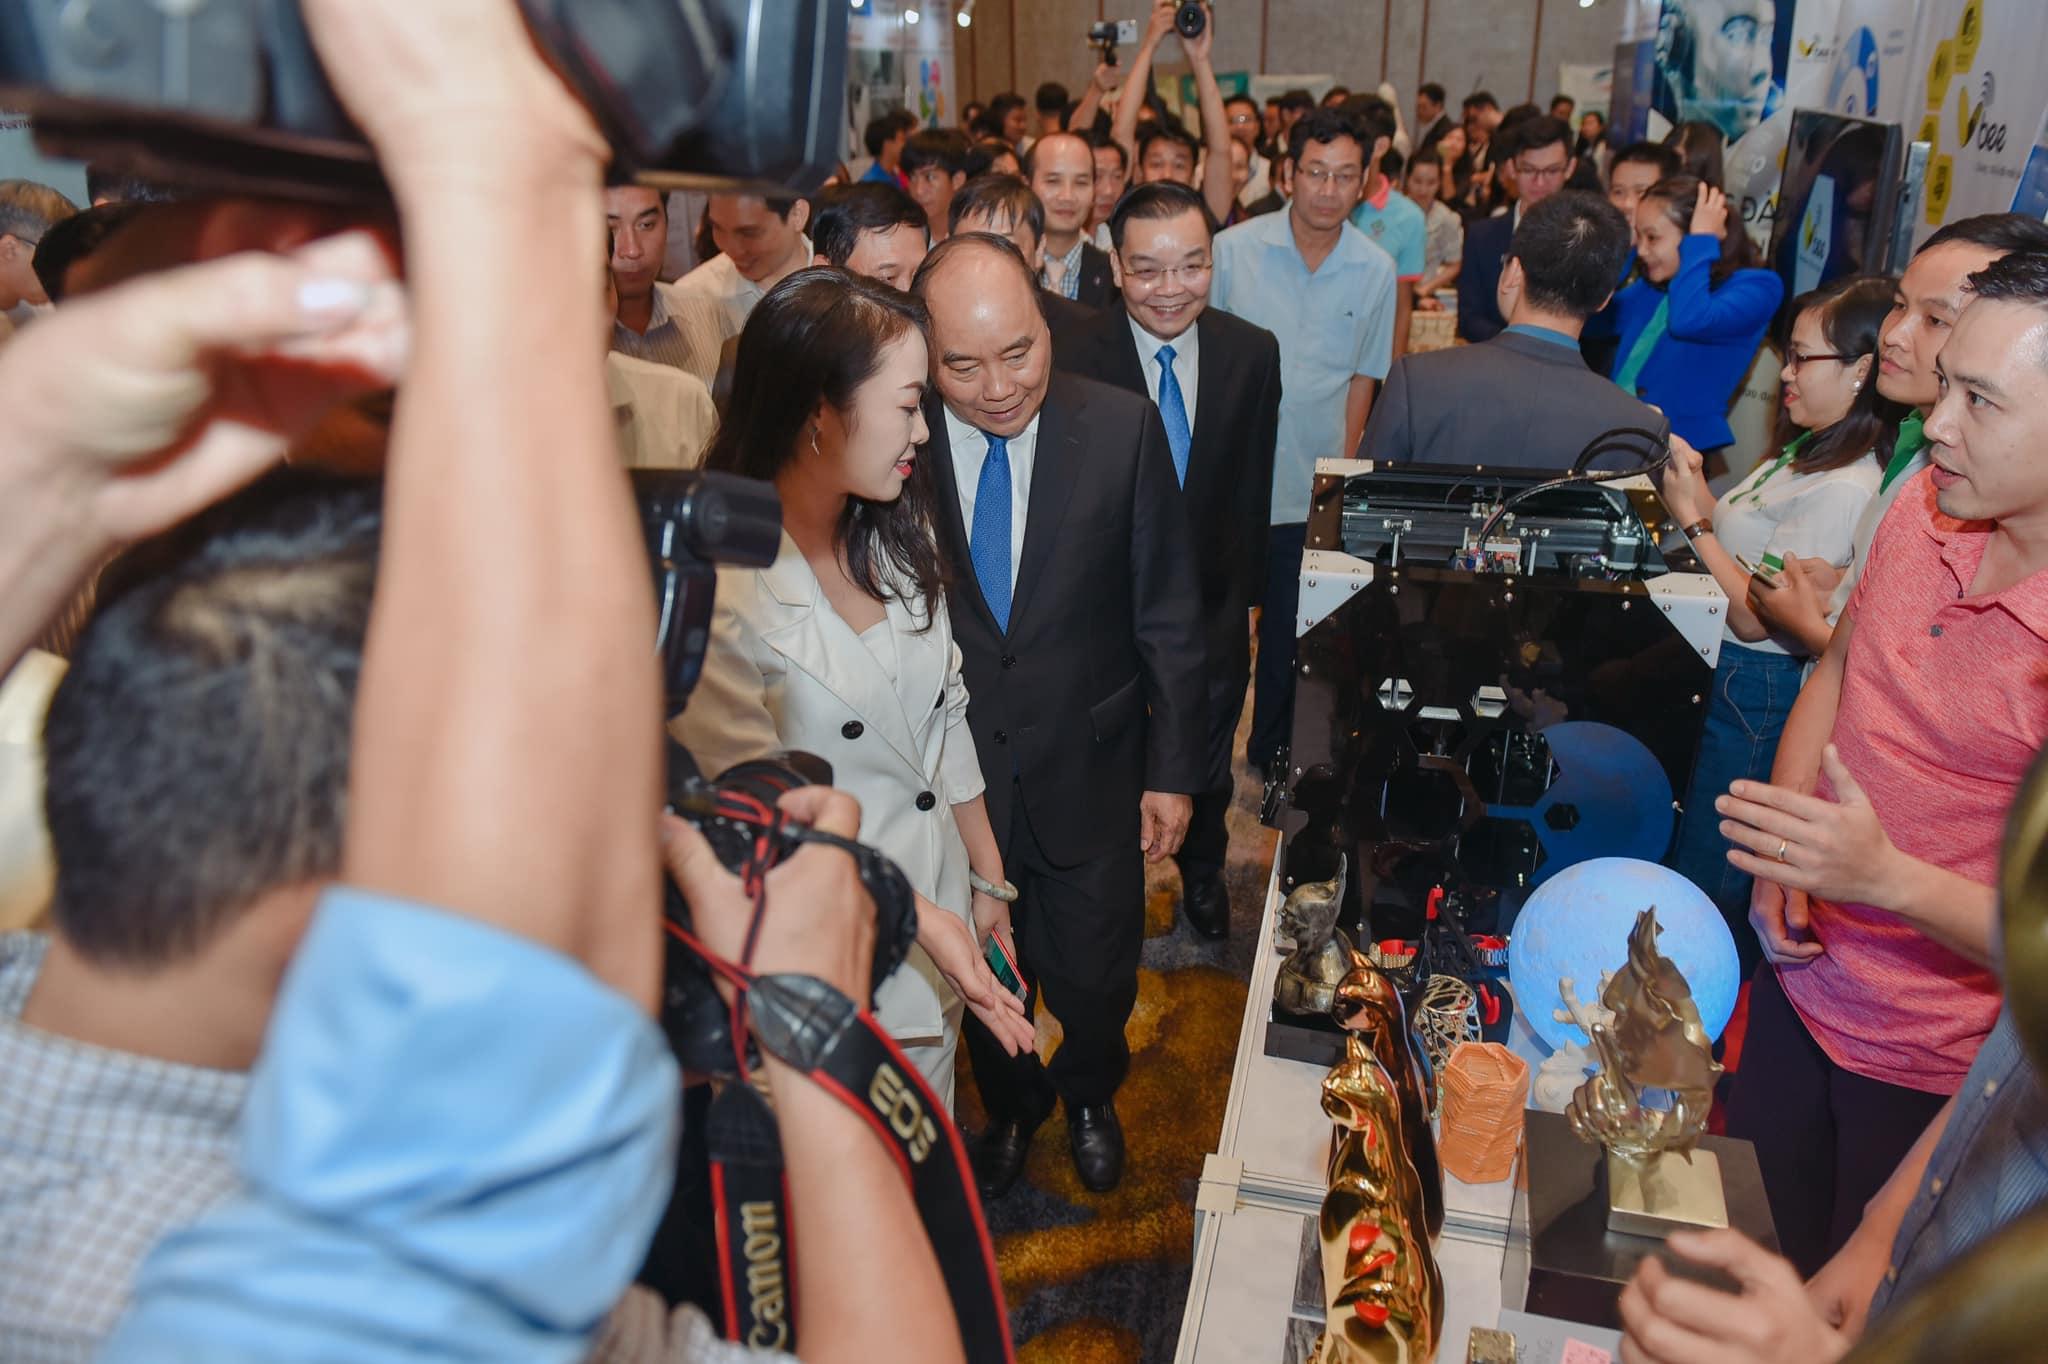 TGĐ Tập đoàn đầu tư và quản lý V-startup Nguyễn Thy Nga giới thiệu với Thủ tướng, và các lãnh đạo Chính phủ - bộ ngành các DN KNĐMST trong lĩnh vực 4.0 T12/2018